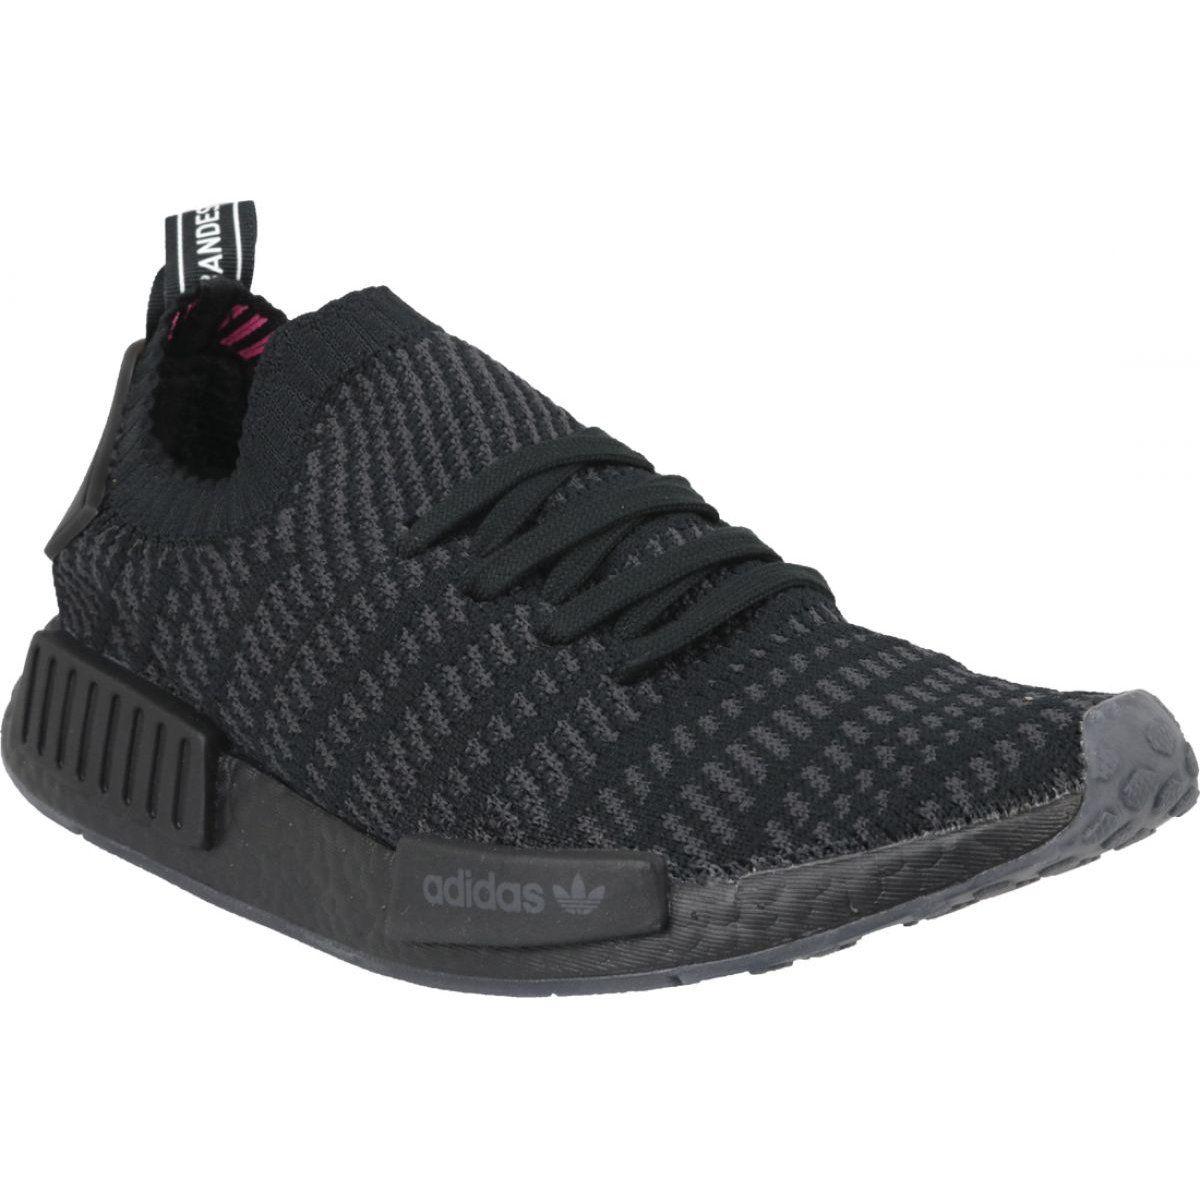 Adidas Nmd R1 Stlt Pk M Cq2391 Shoes Black Black Adidas Shoes Sports Shoes Adidas Adidas